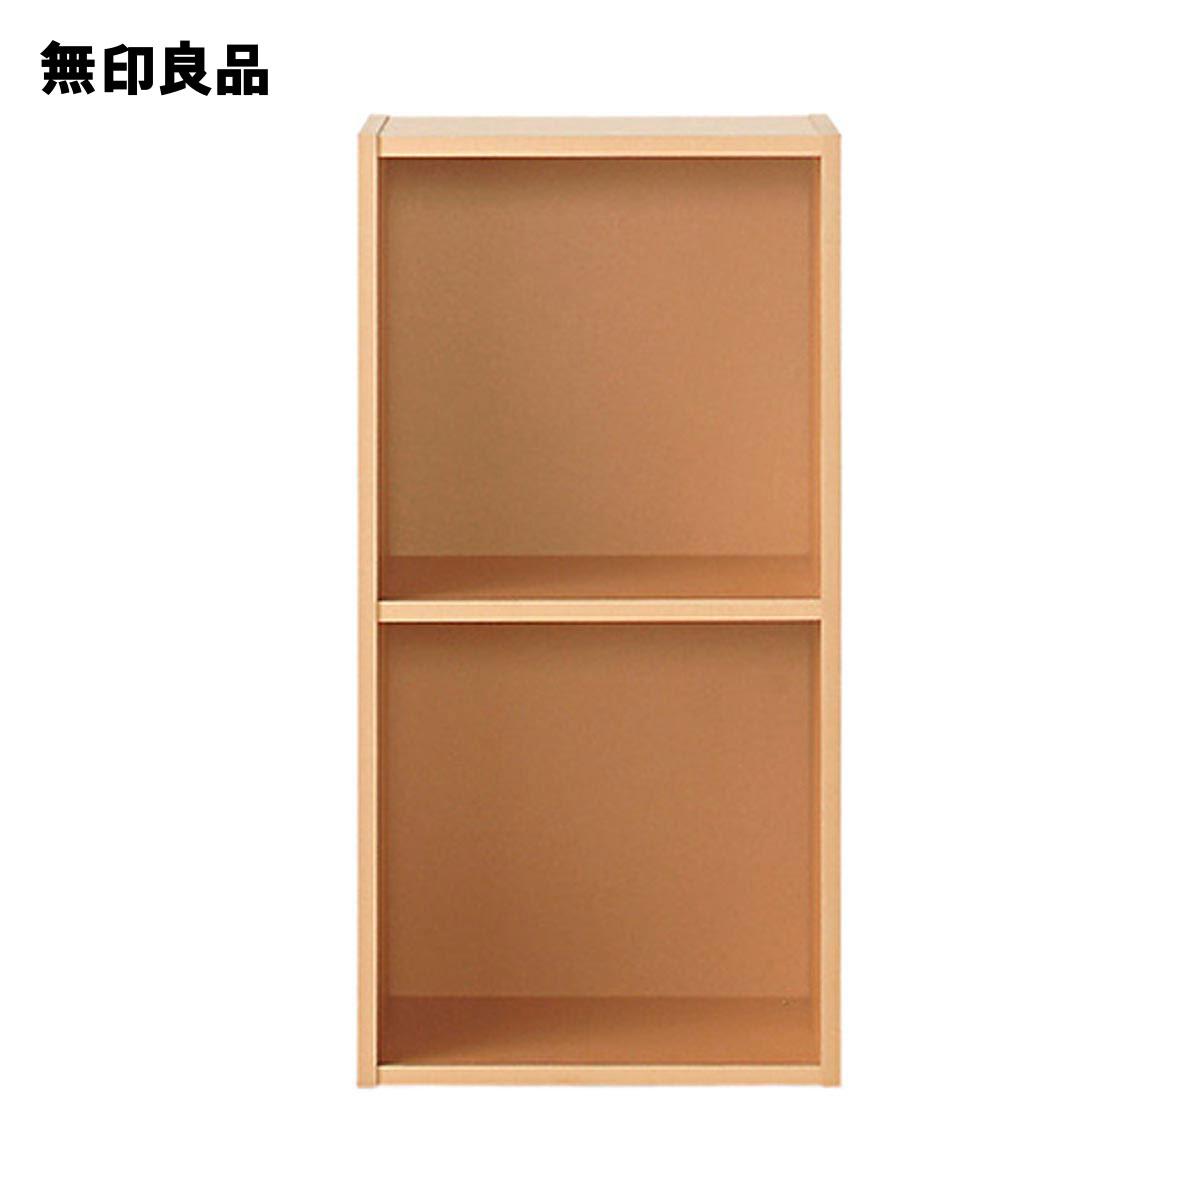 無印良品 パルプボードボックス タテヨコA4サイズ・2段